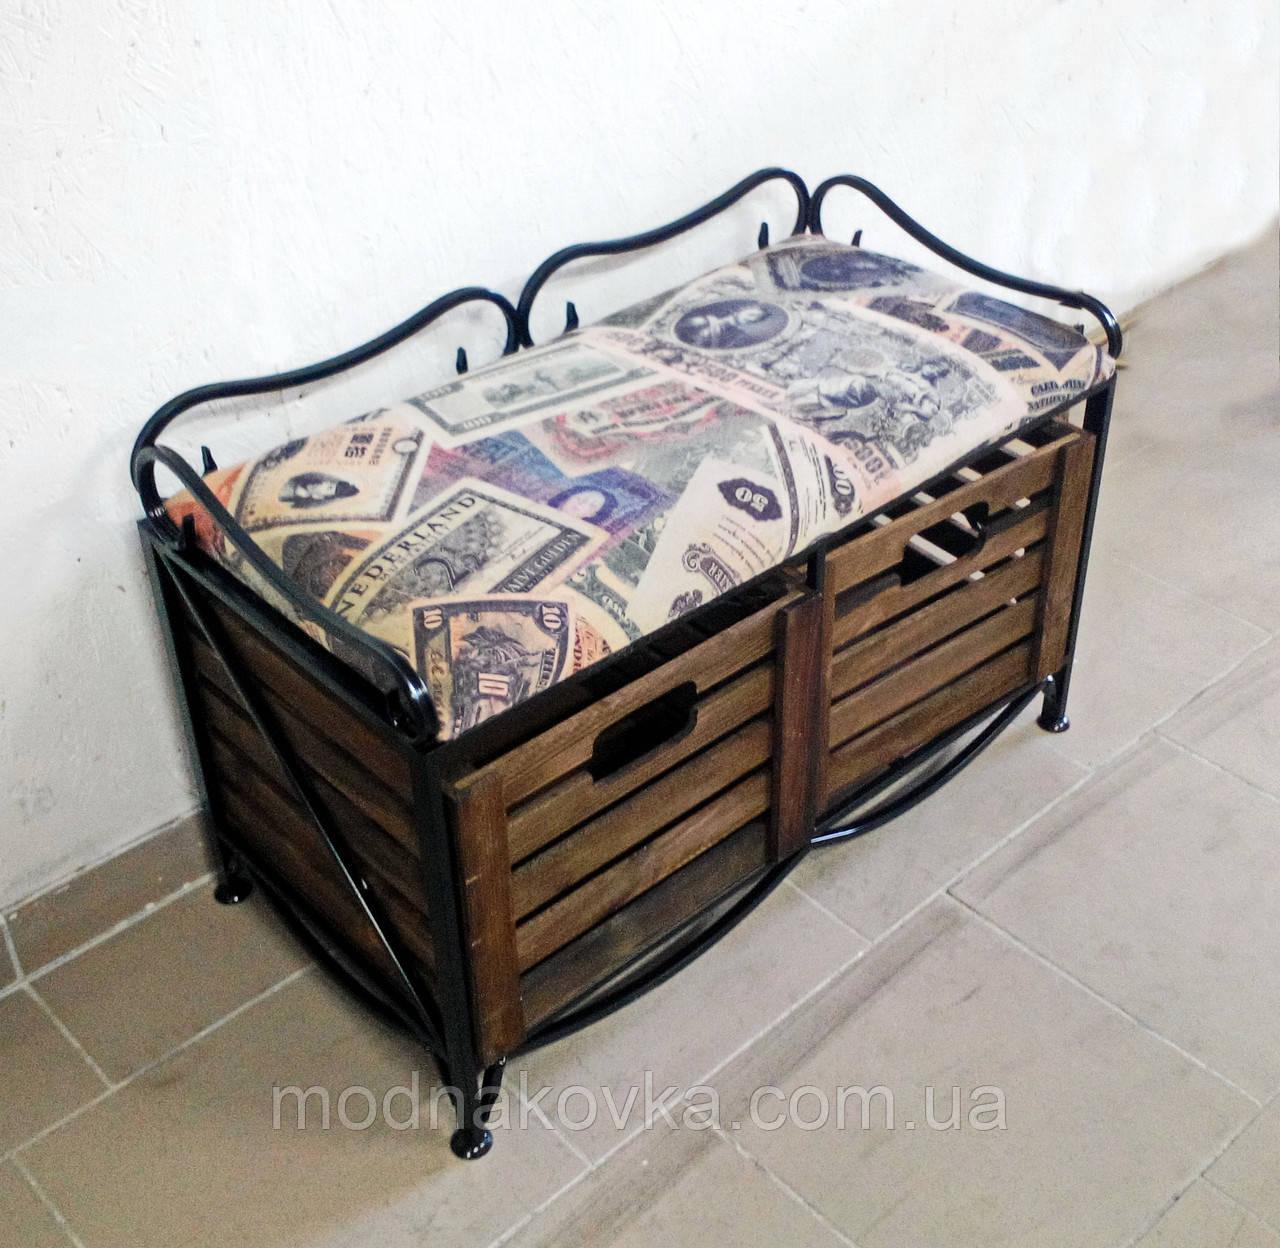 Диван-тумба кованая с 2 ящиками